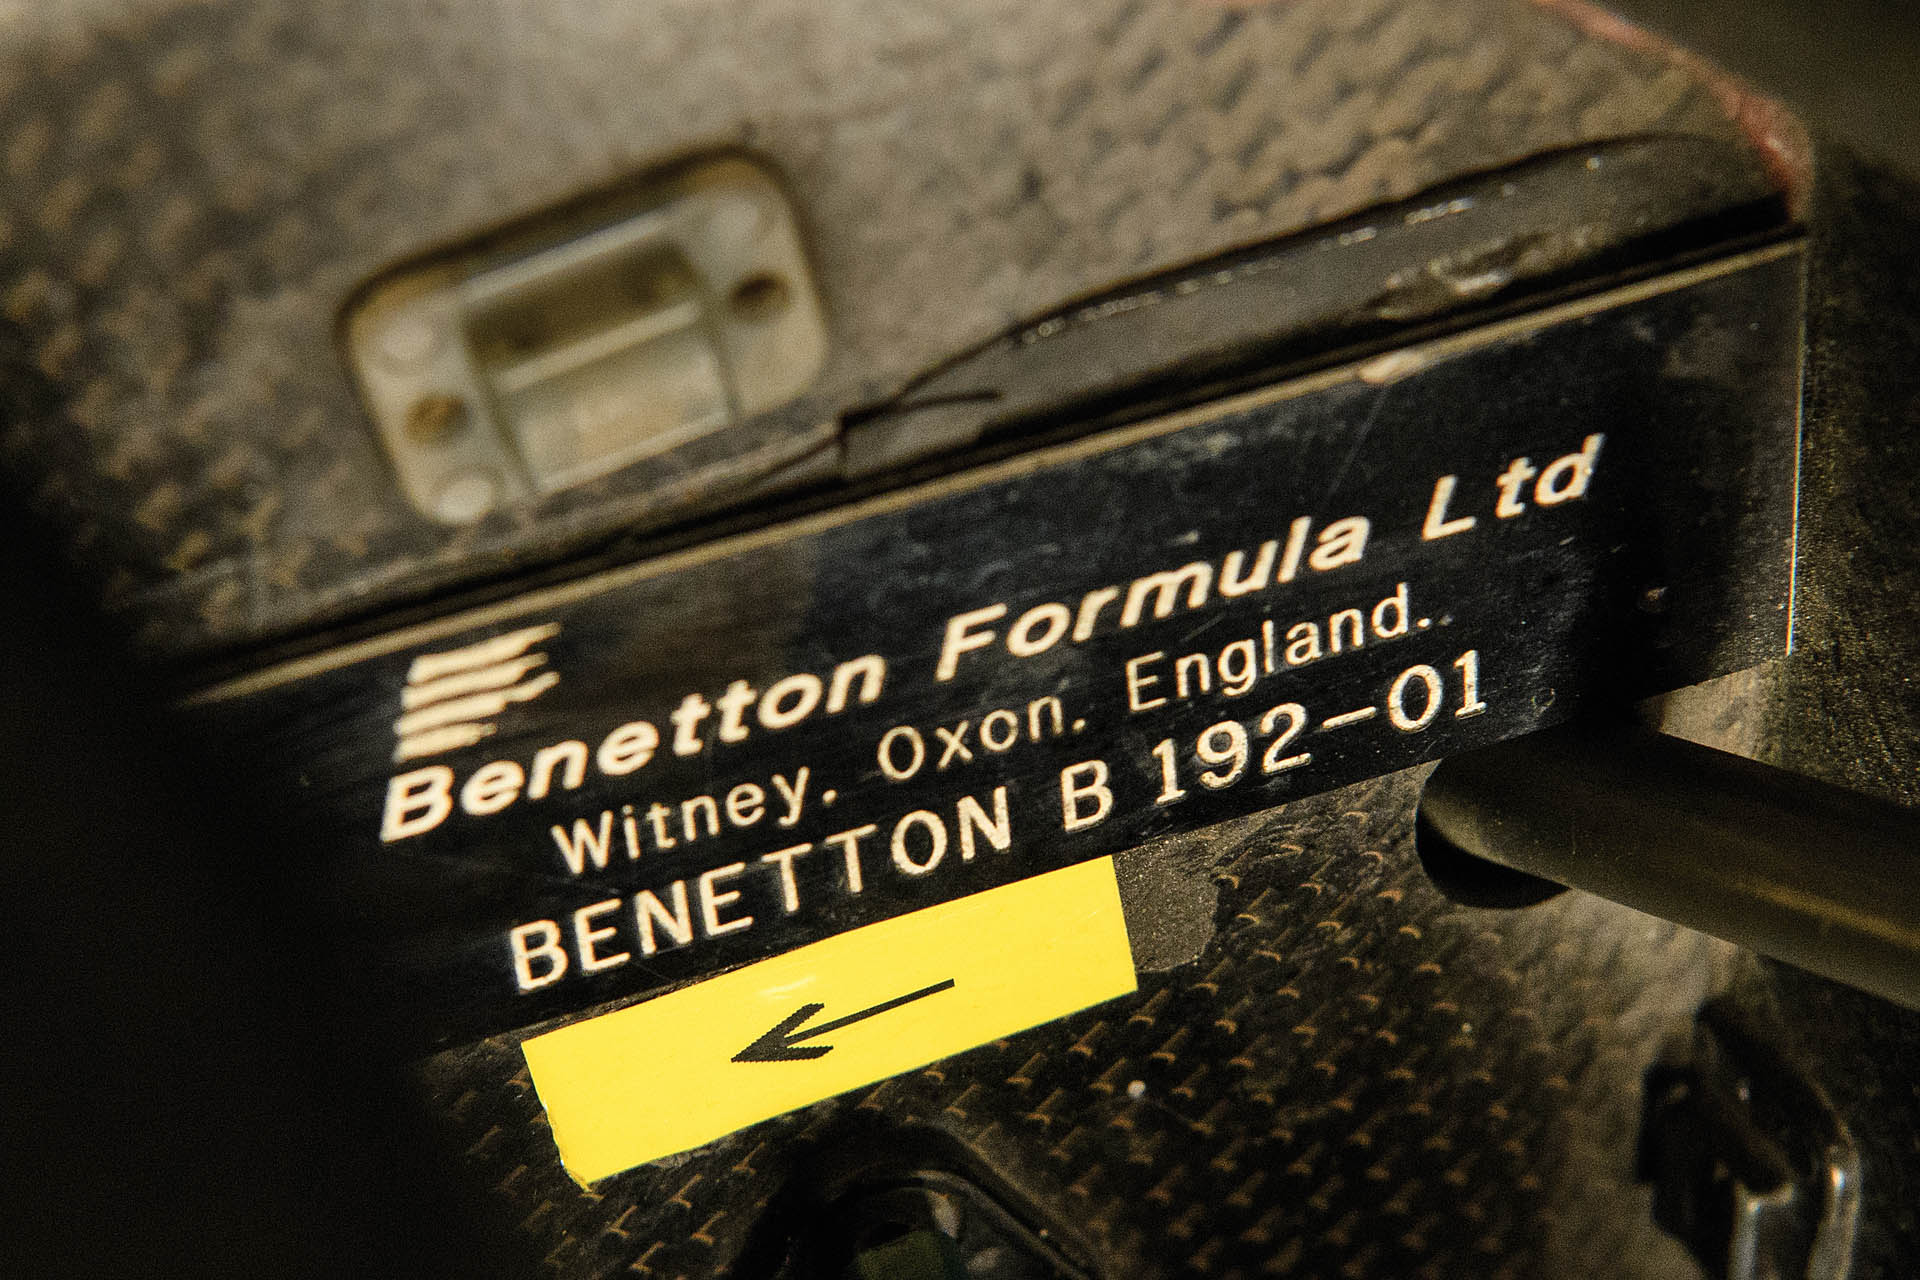 1992_Benetton_)B192_0012